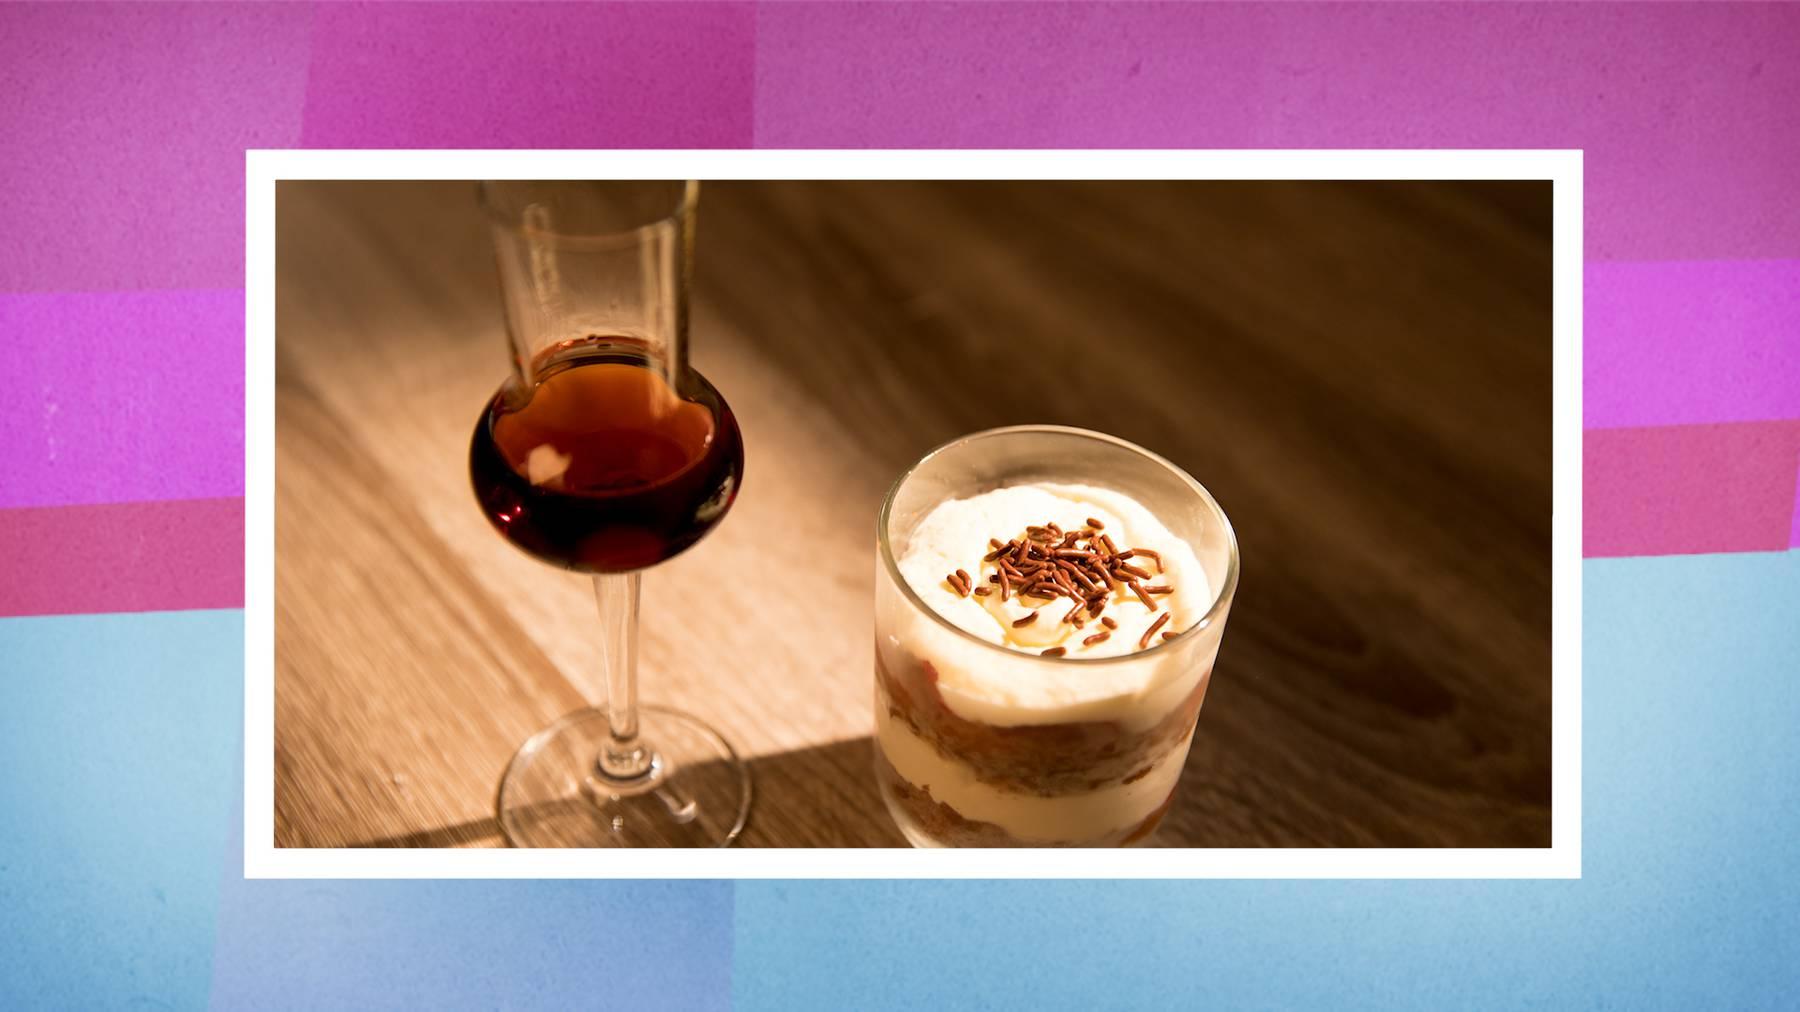 Das Dessert: Schwarzwälder im Glas mit Orangenfilet-Garnitur